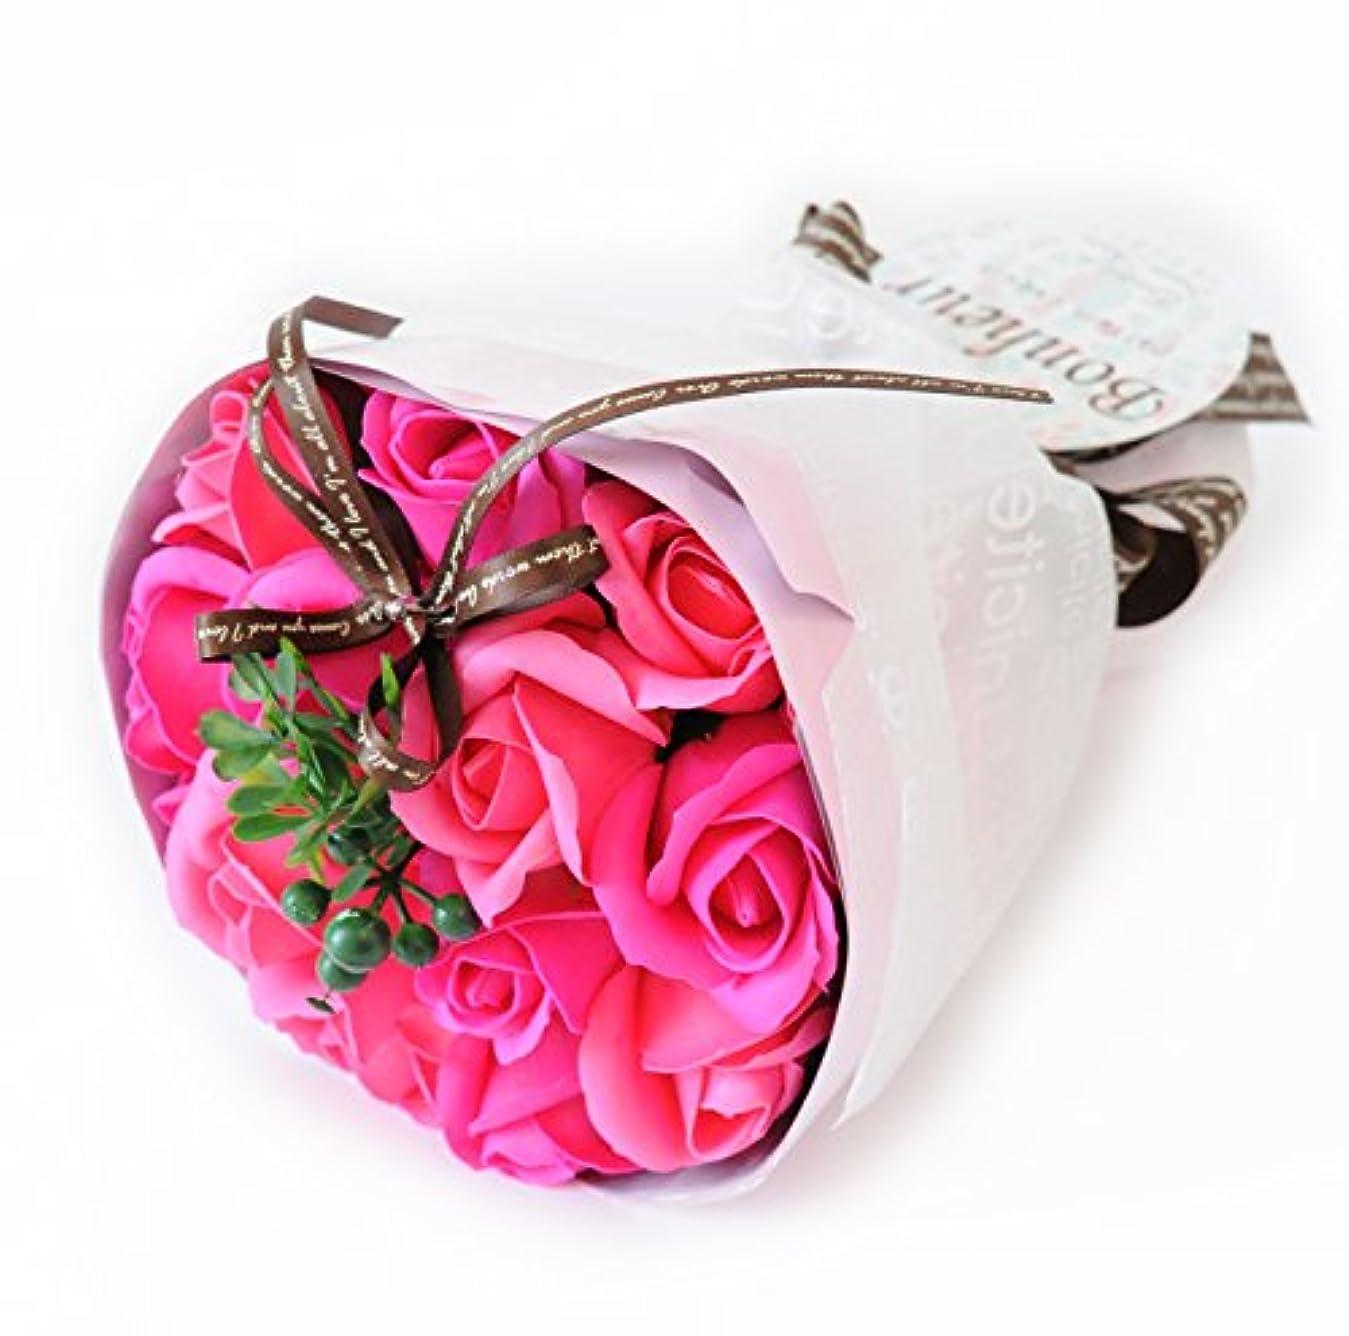 知る腹部可能にするフラワーマーケット花由 ソープフラワー アロマローズブーケ ビューティー シャボンフラワー フラワーソープ